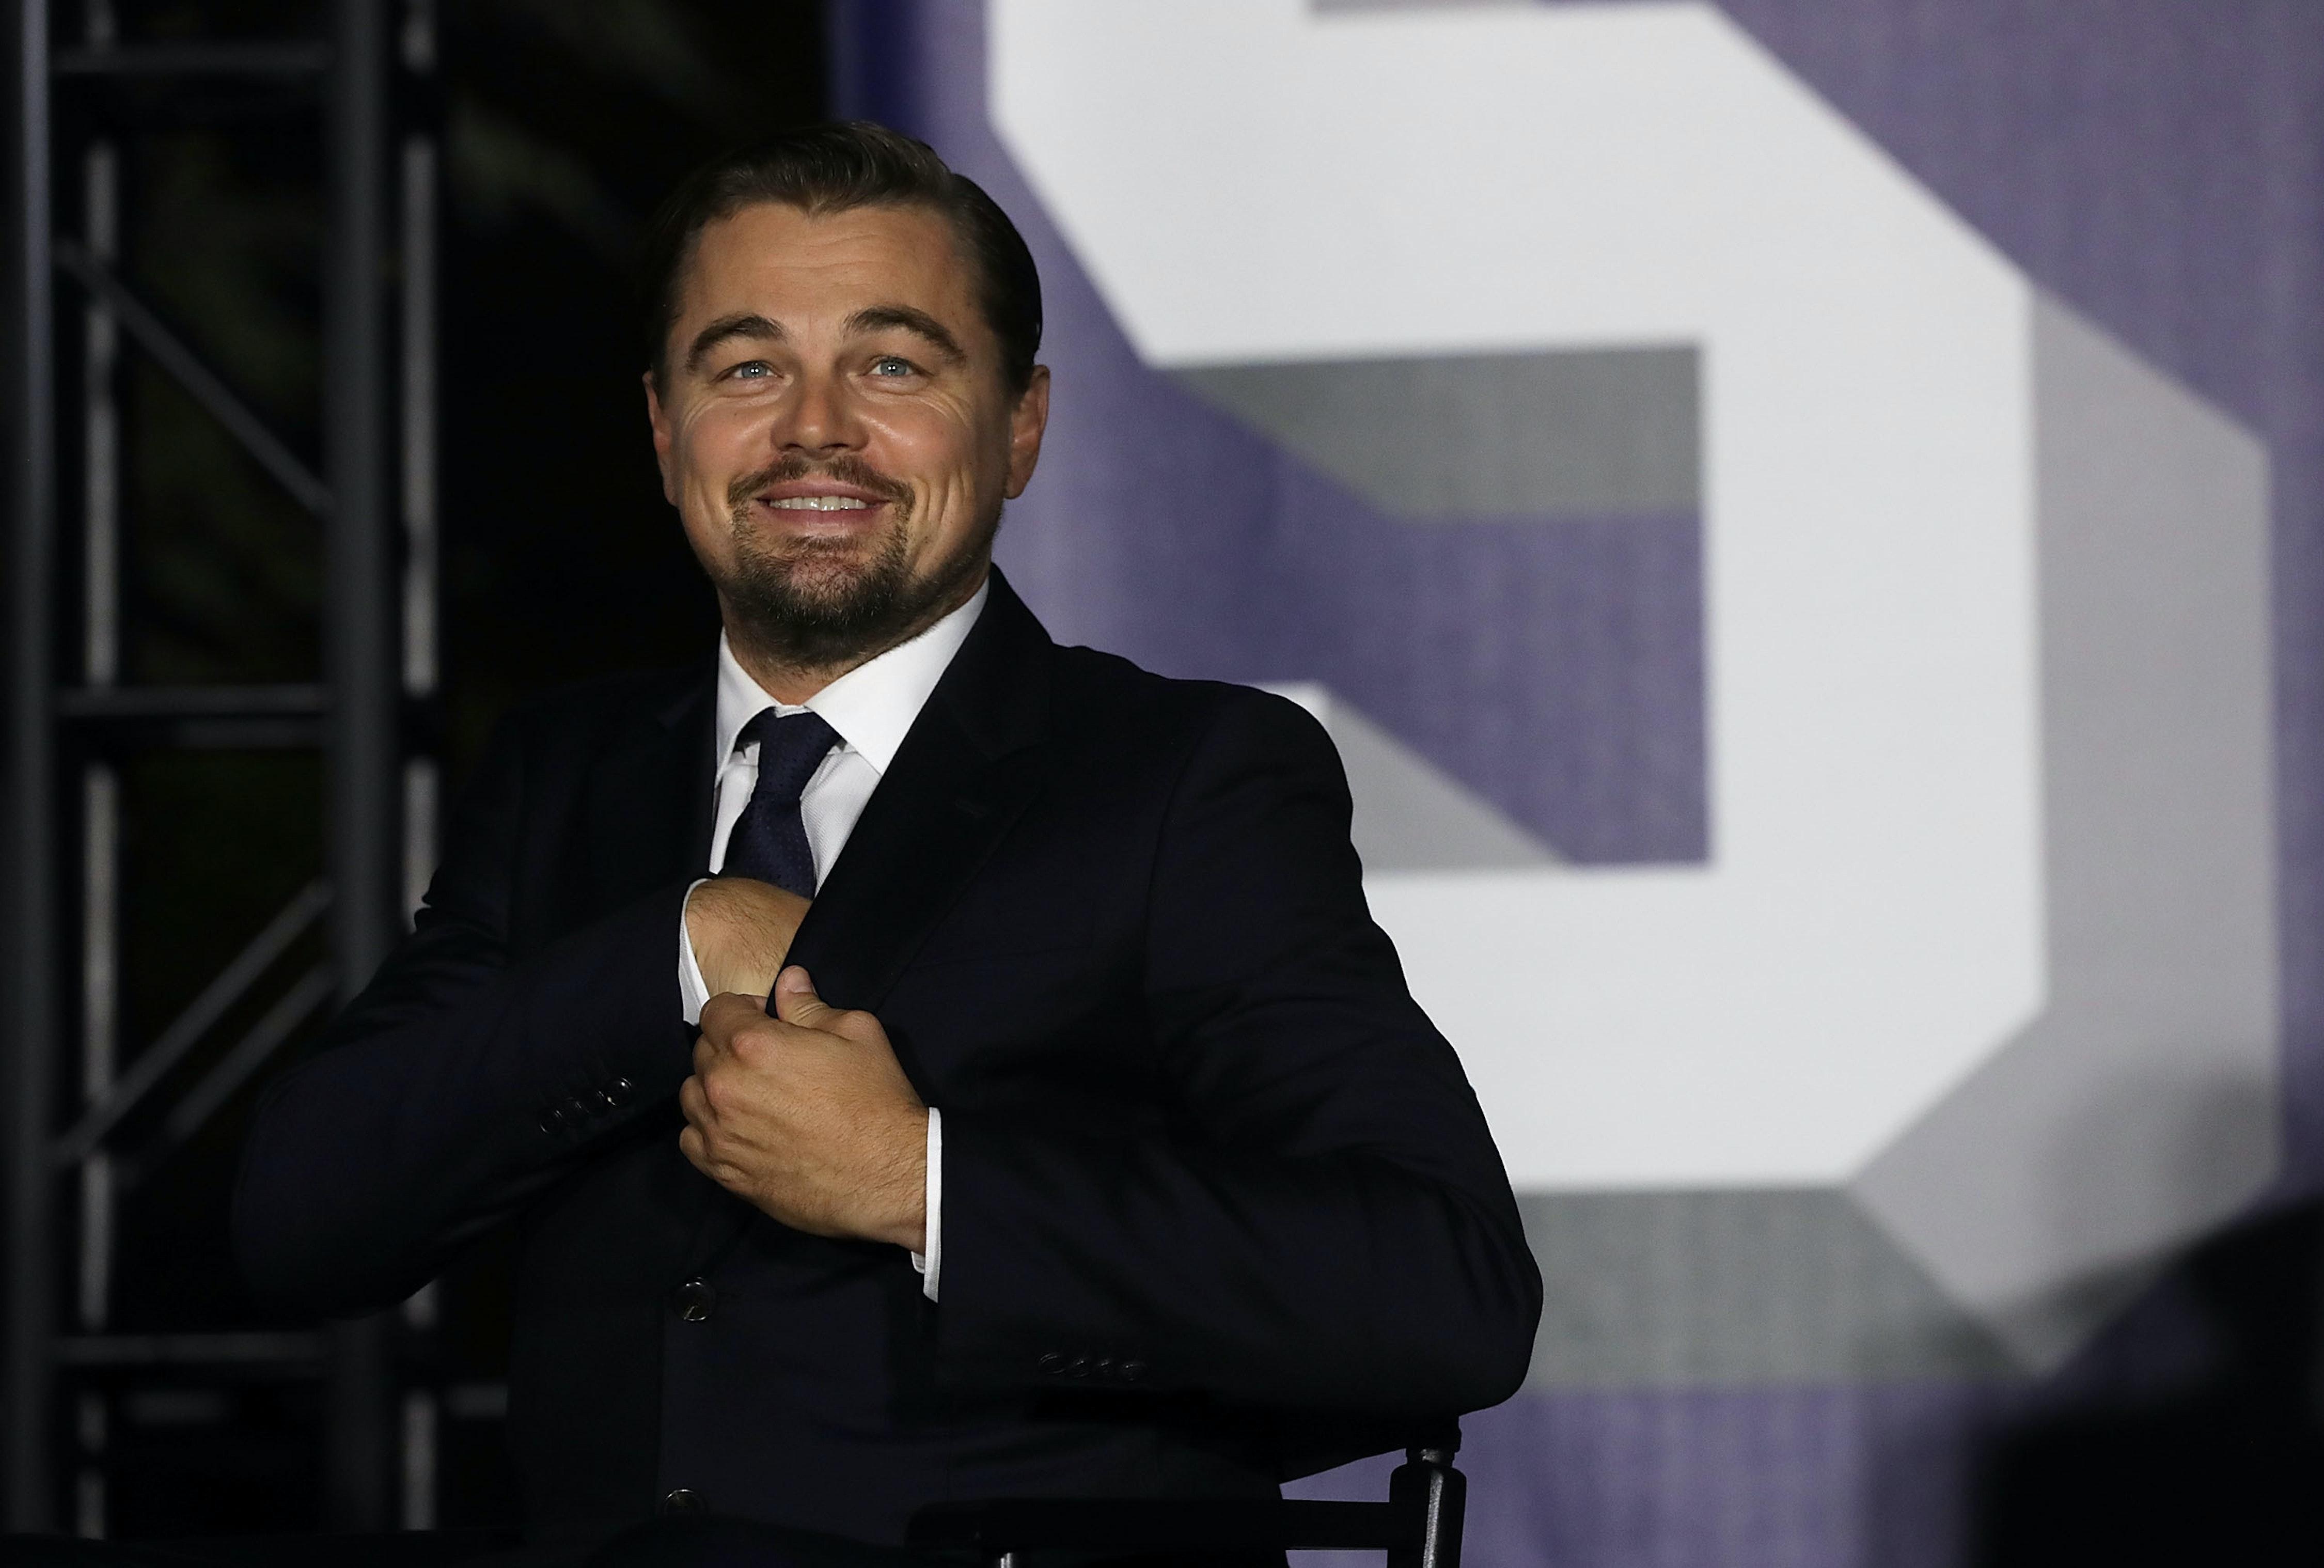 Leonardo DiCaprio took a shot at Donald Trump.